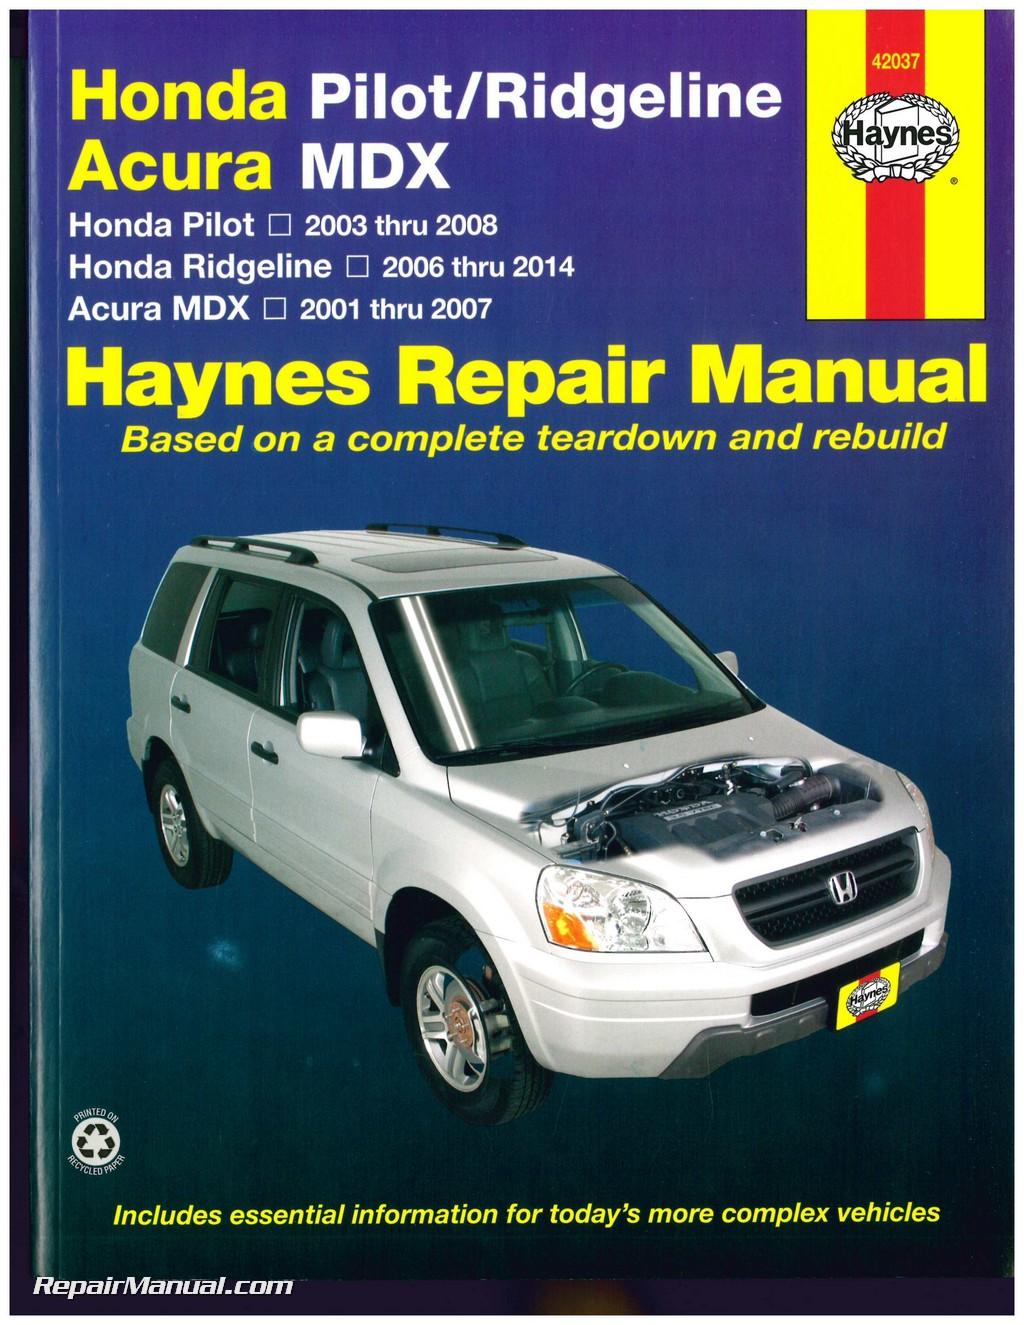 Image Result For Honda Ridgeline Repair Manual